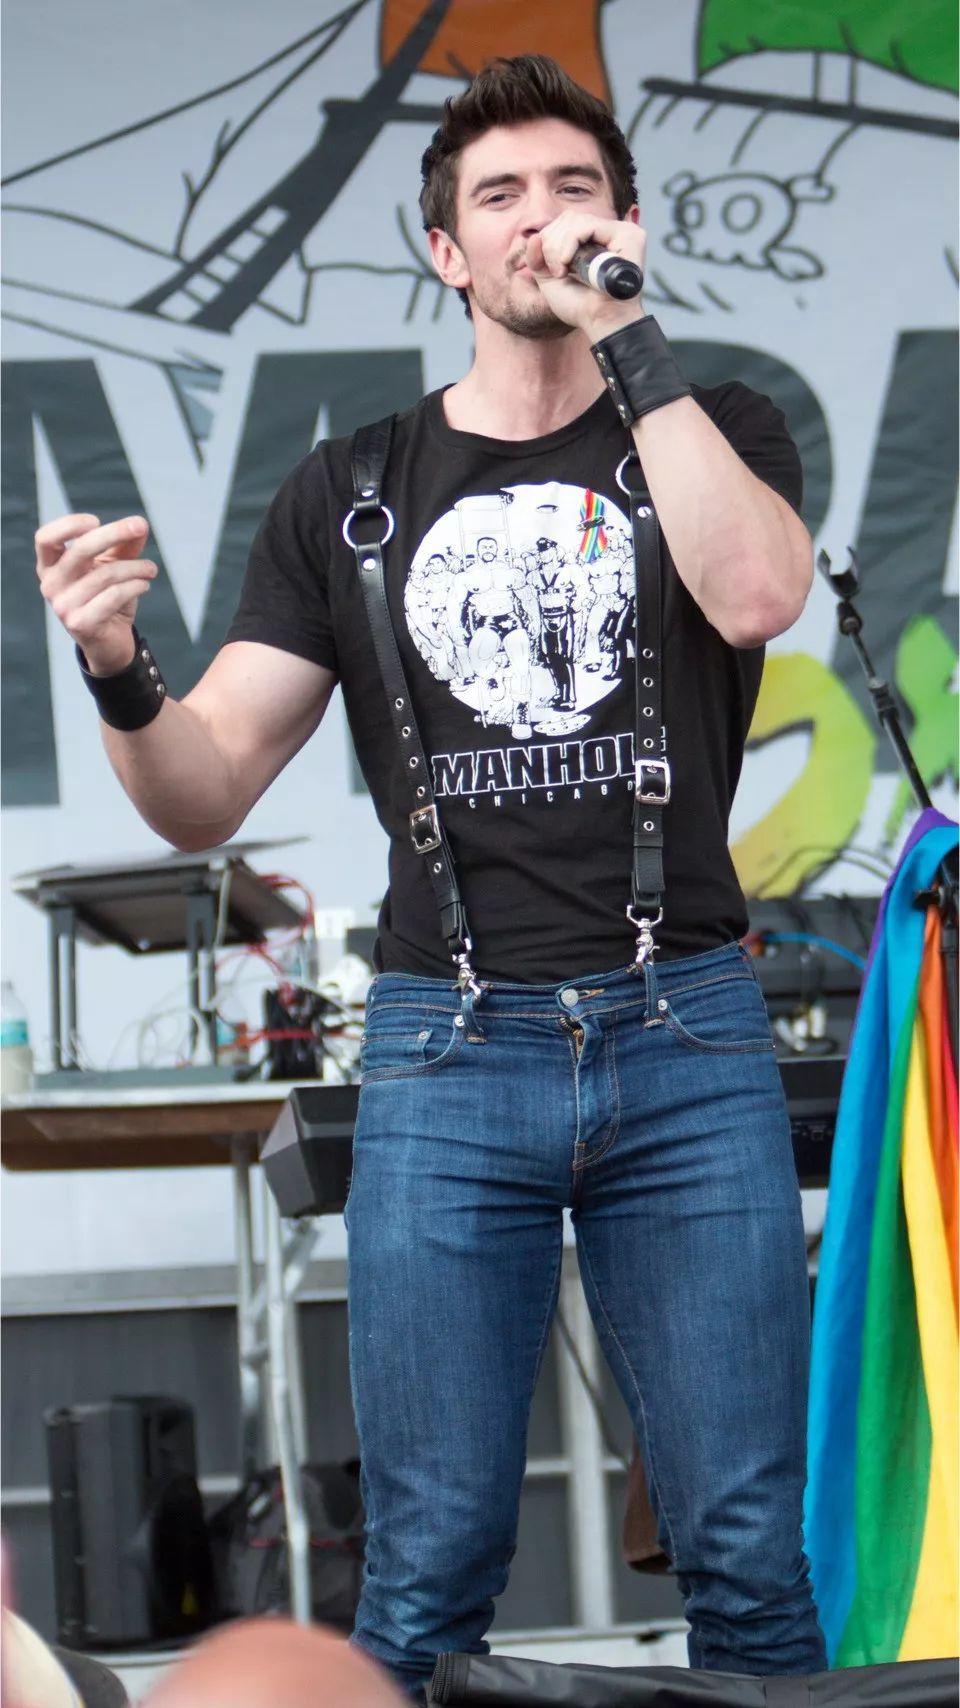 装1失败!传说中美国乐坛最优的Steve Grand被骚0粉丝嫌弃了!